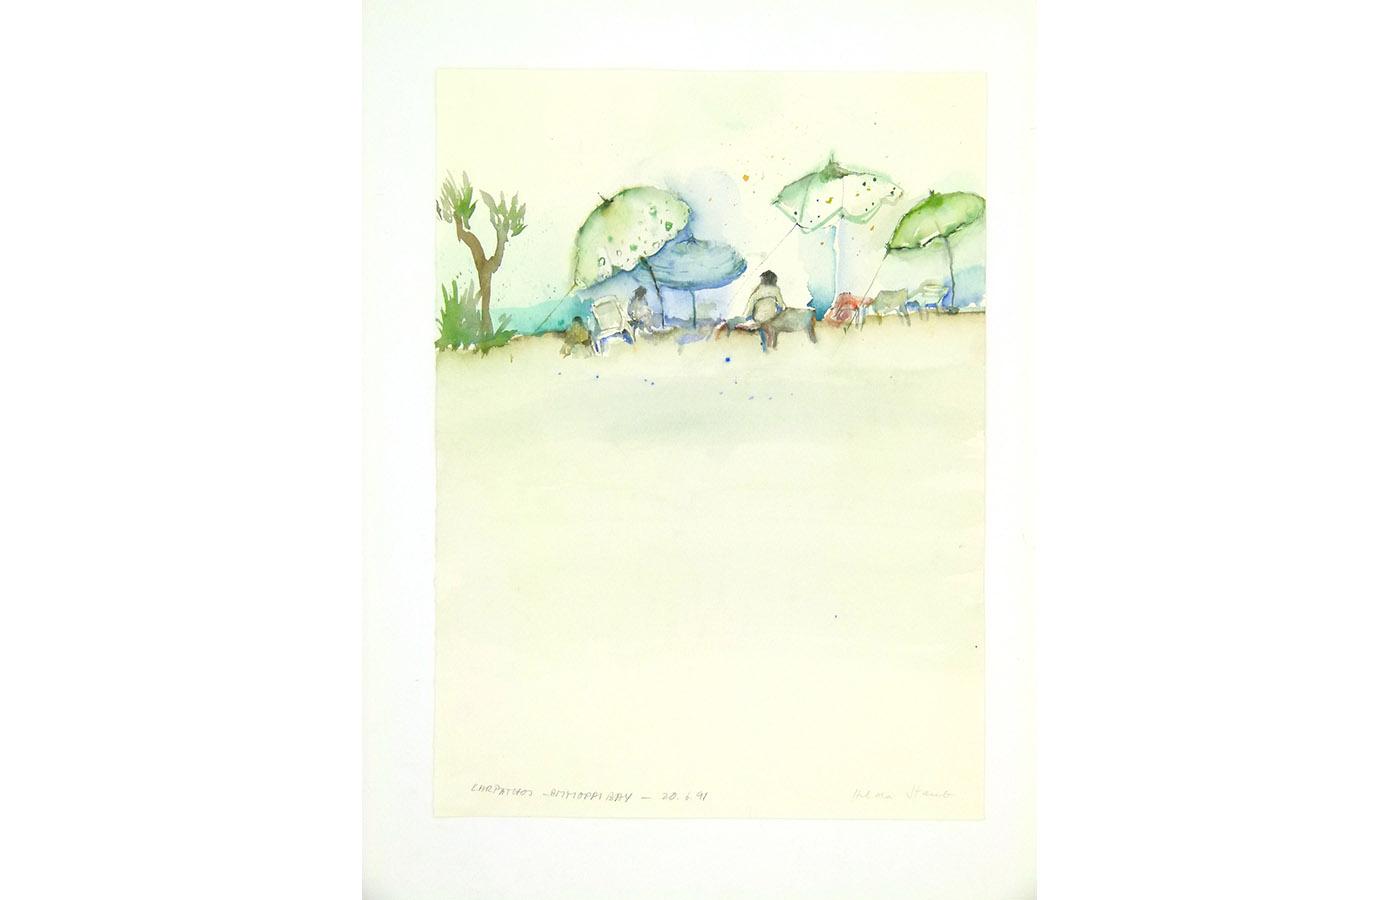 Landschaften und Reisebilder, Aquarell, 1991 bis 1993_0020_L1110053a